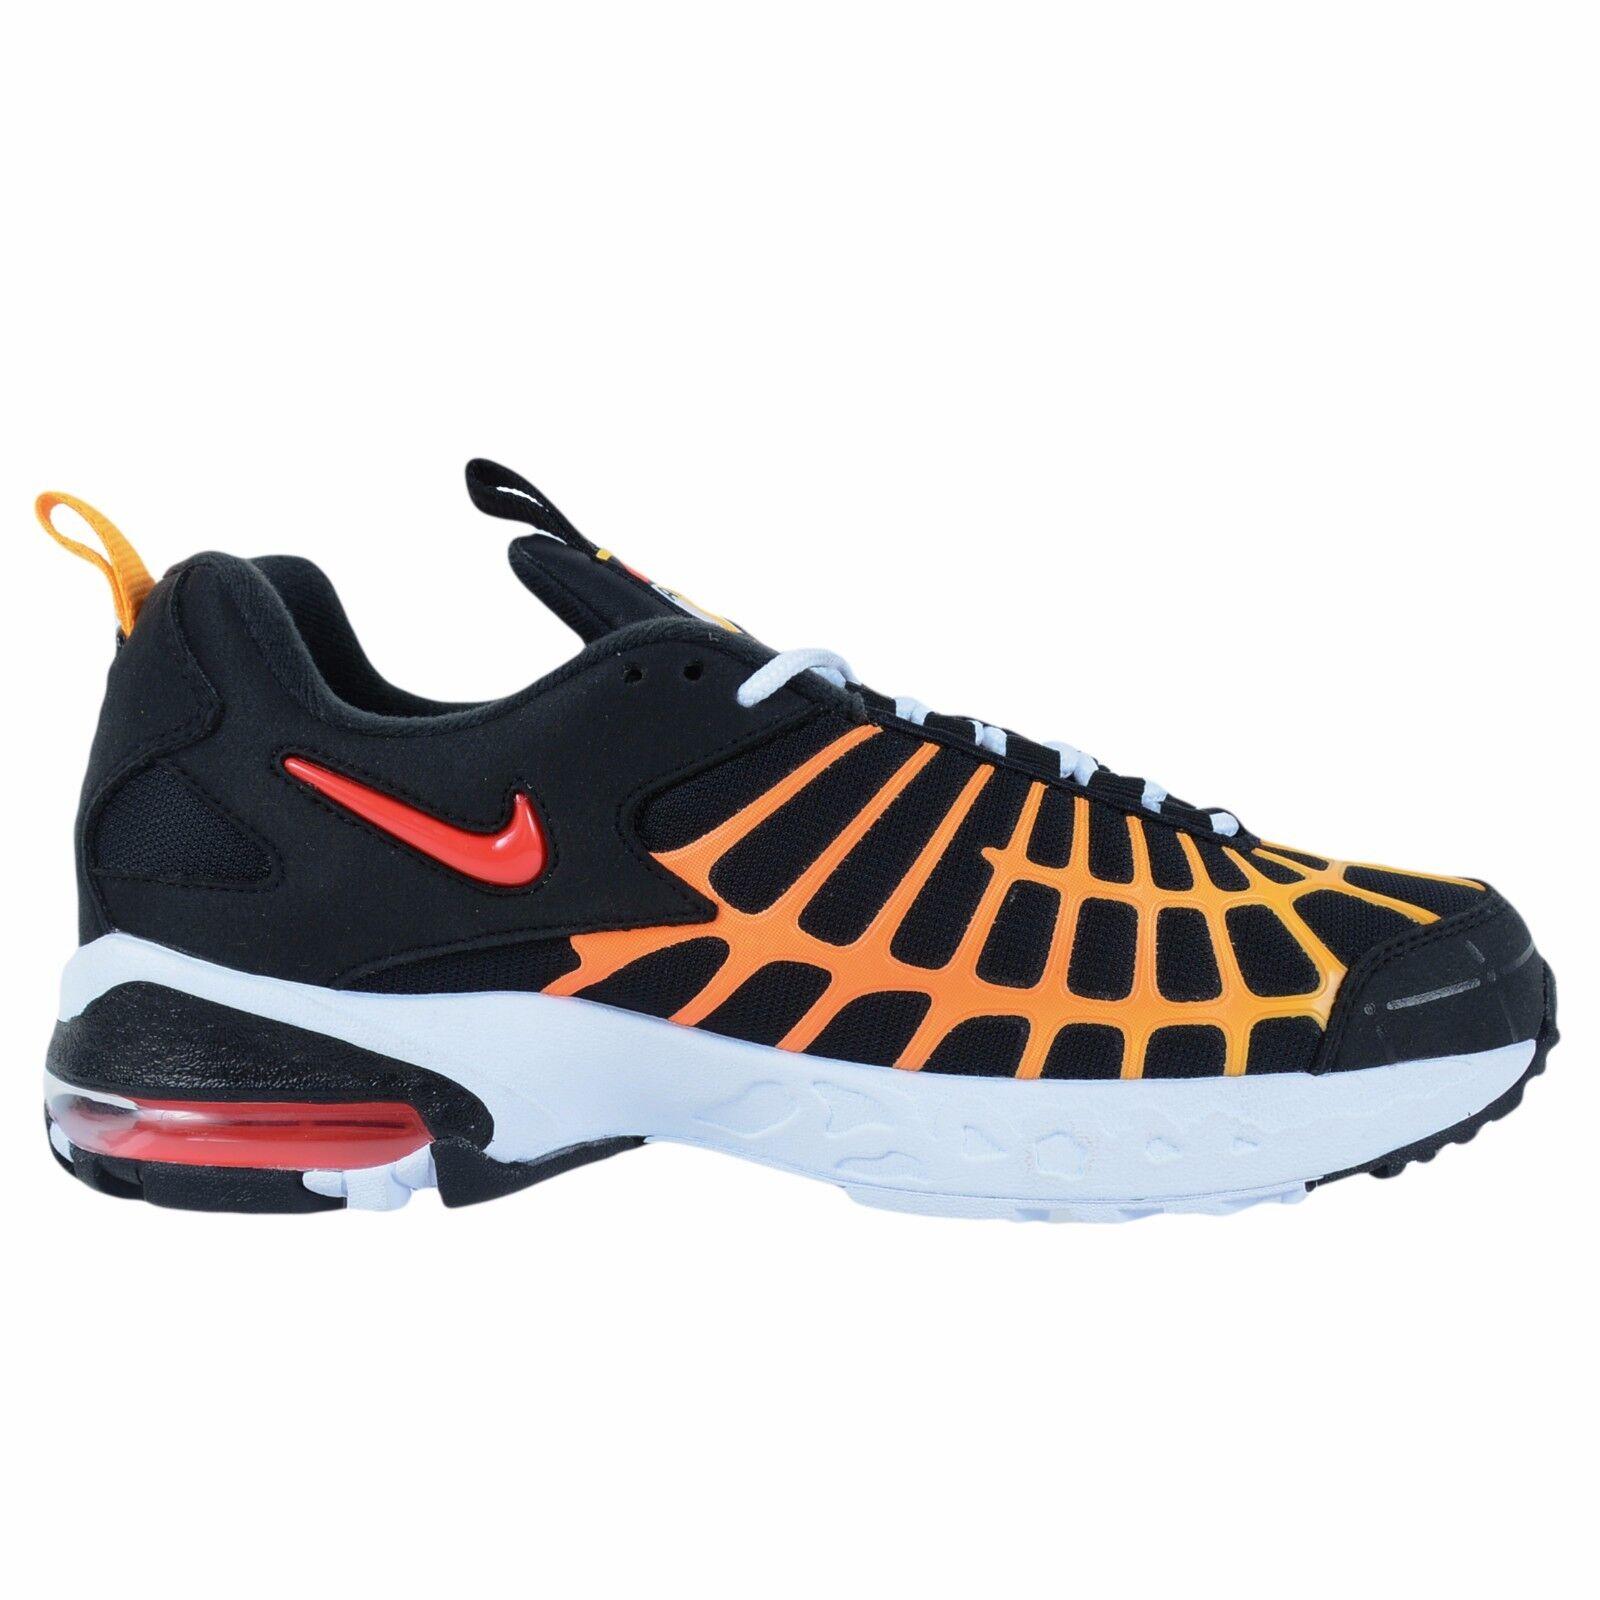 Taglia 12 nike uomini air max 120 formazione scarpe 819857 003 nero, bianco, rosso arancione